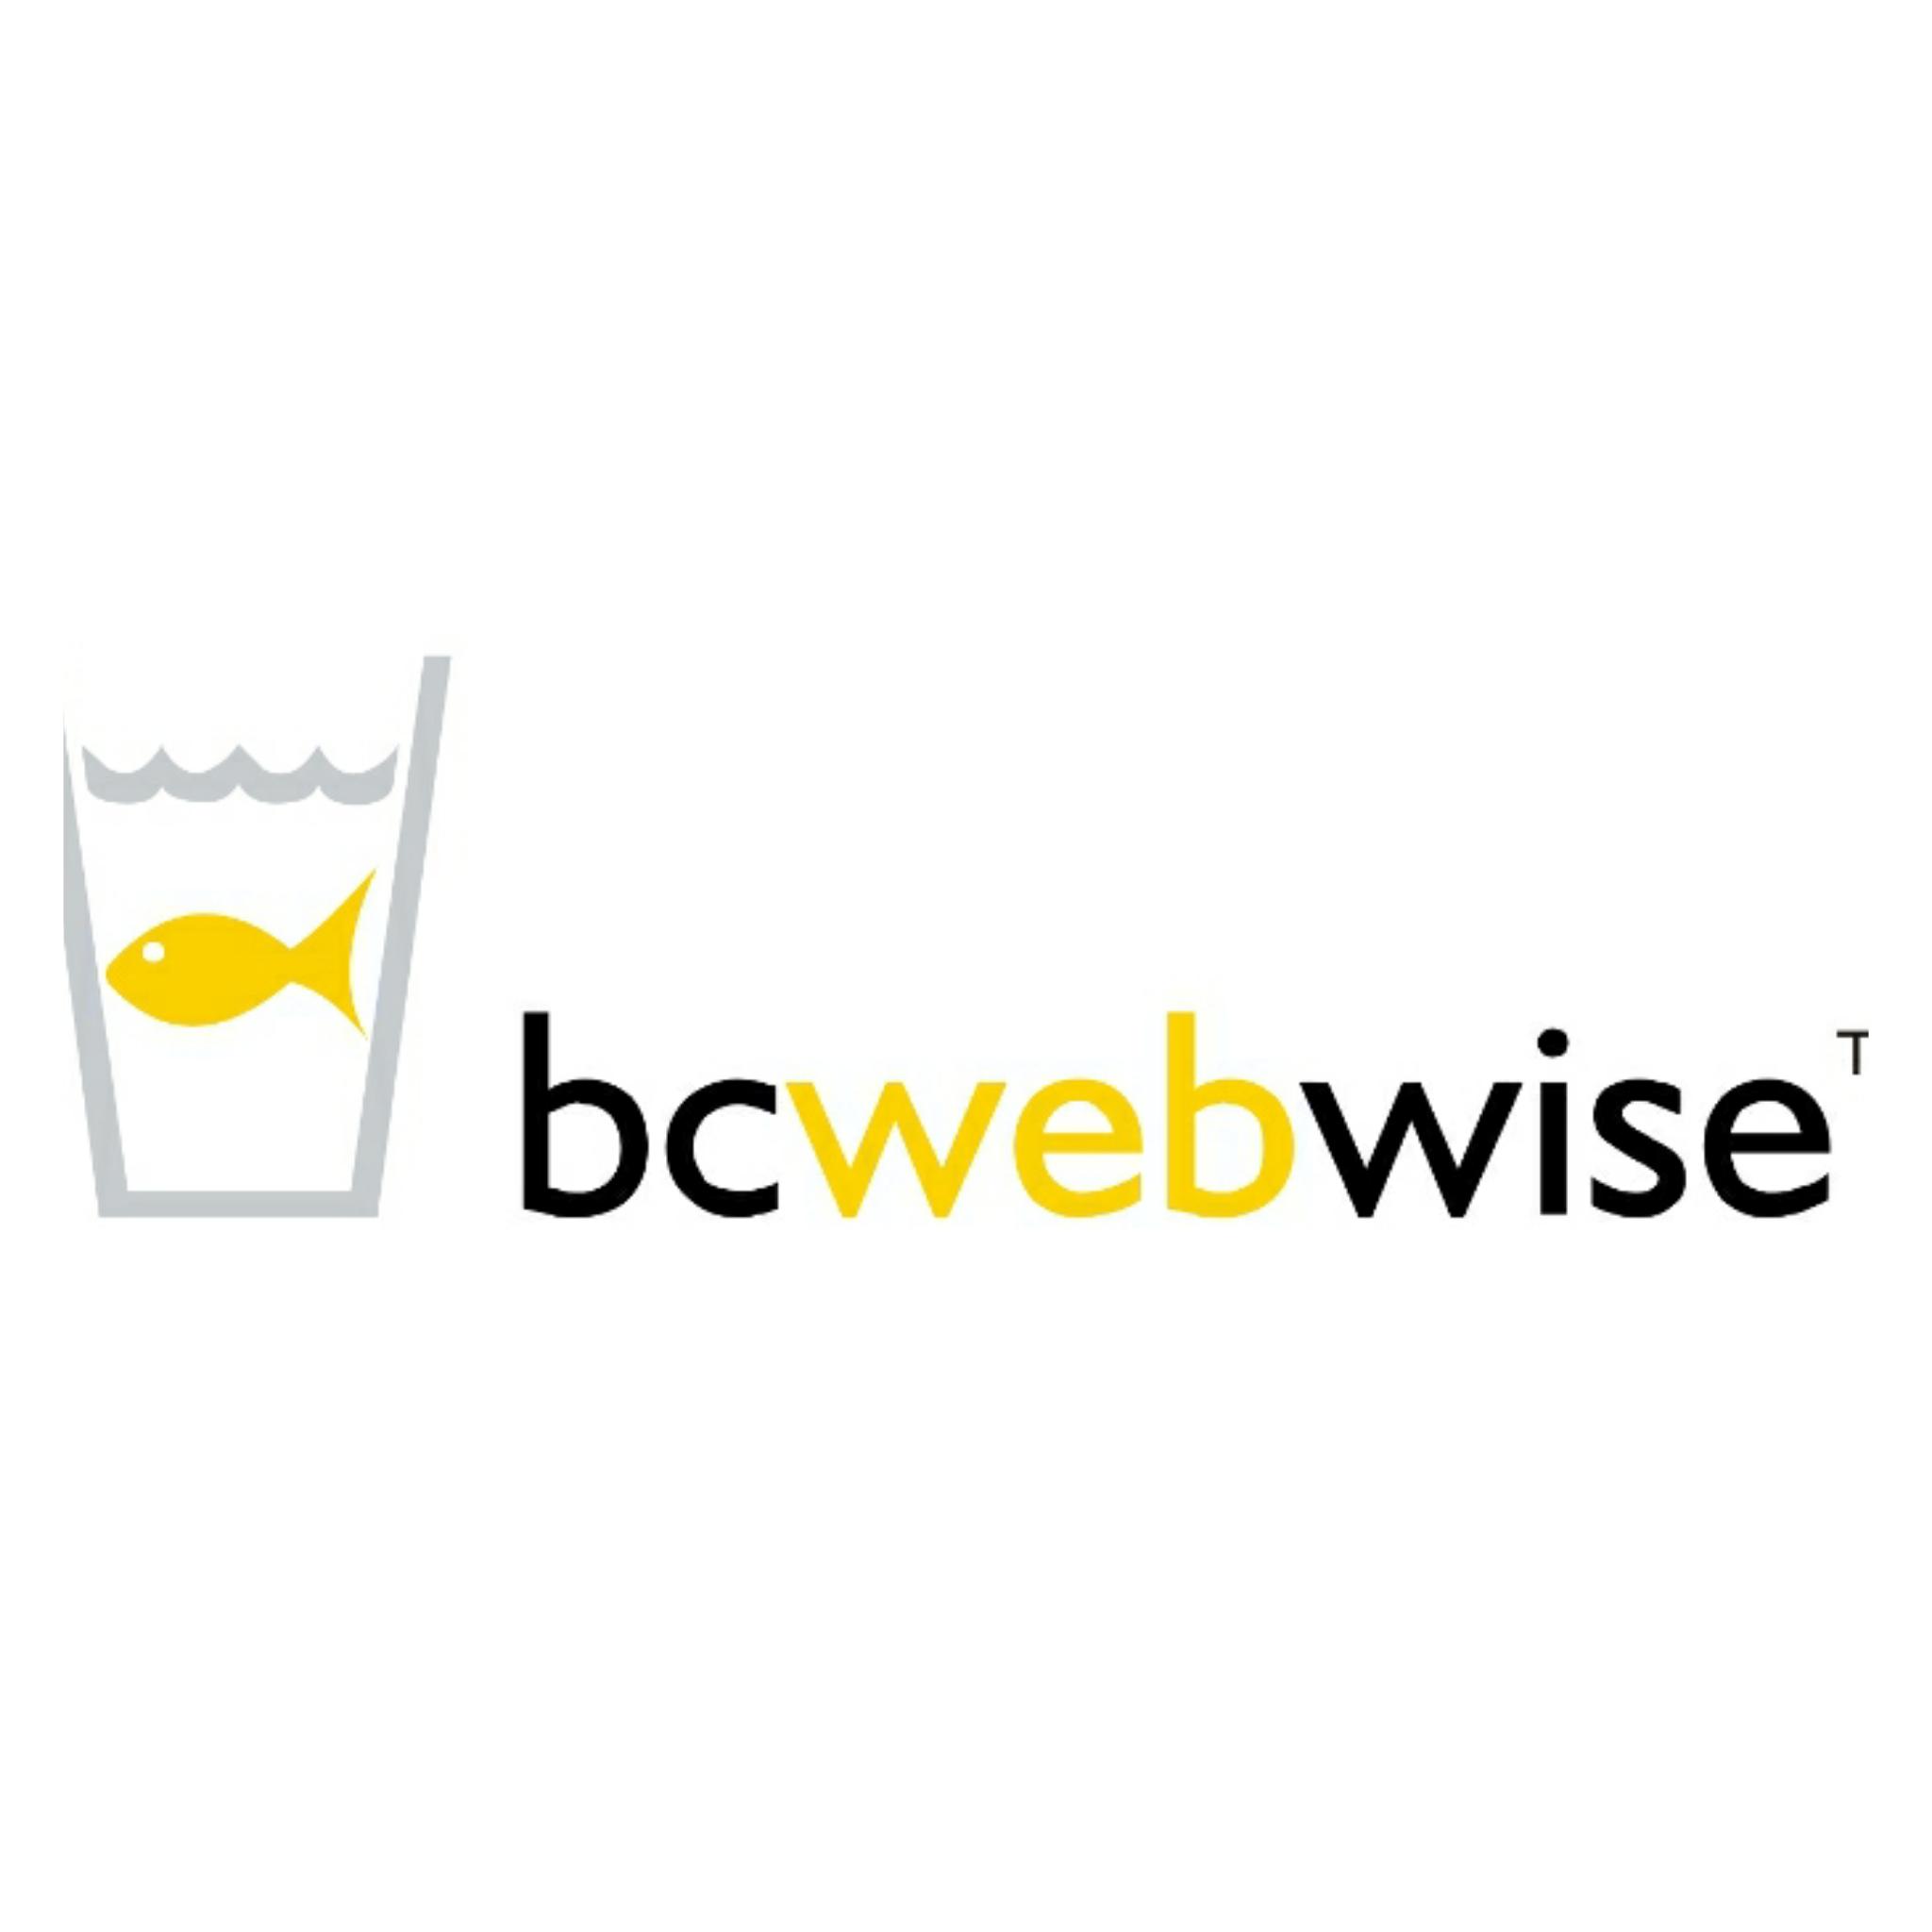 Bcwebwise